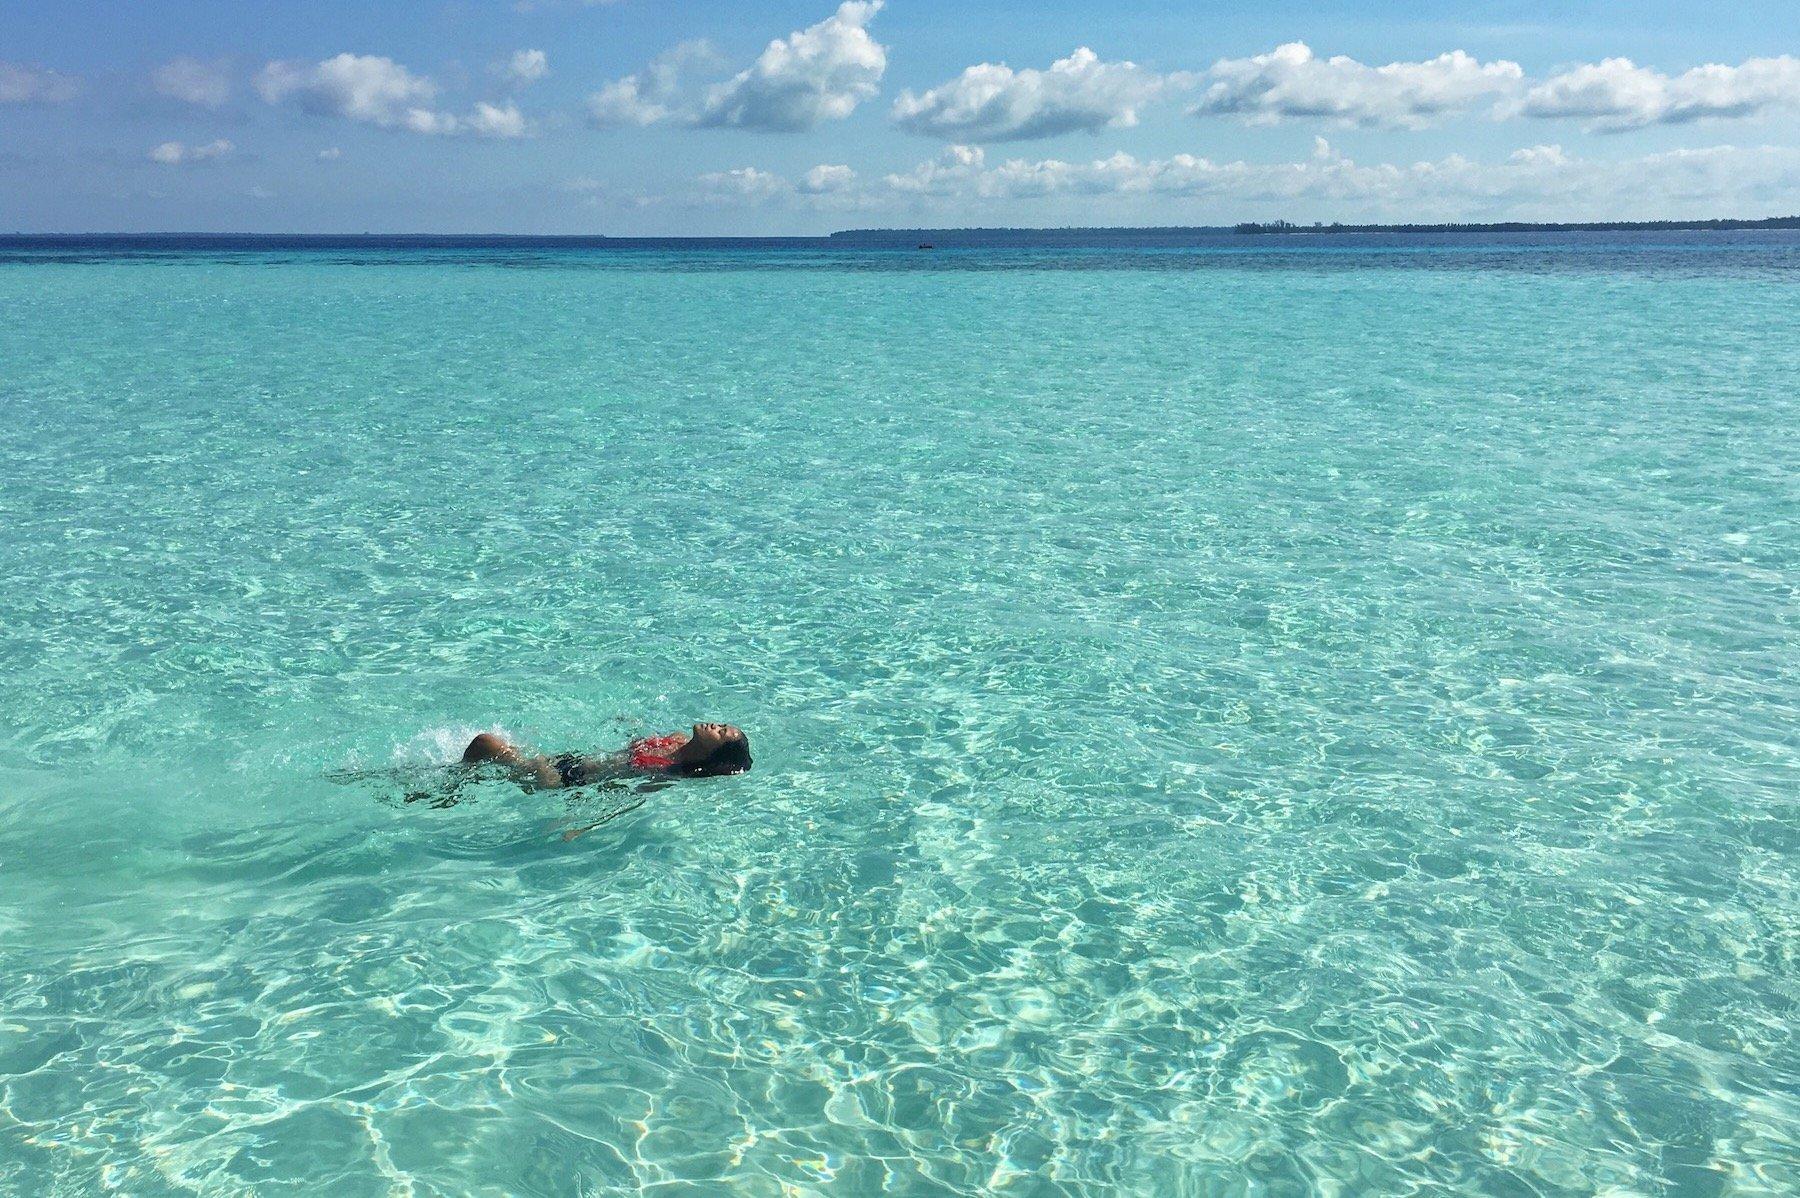 Turista che nuota nelle acque trasparenti di Palawan